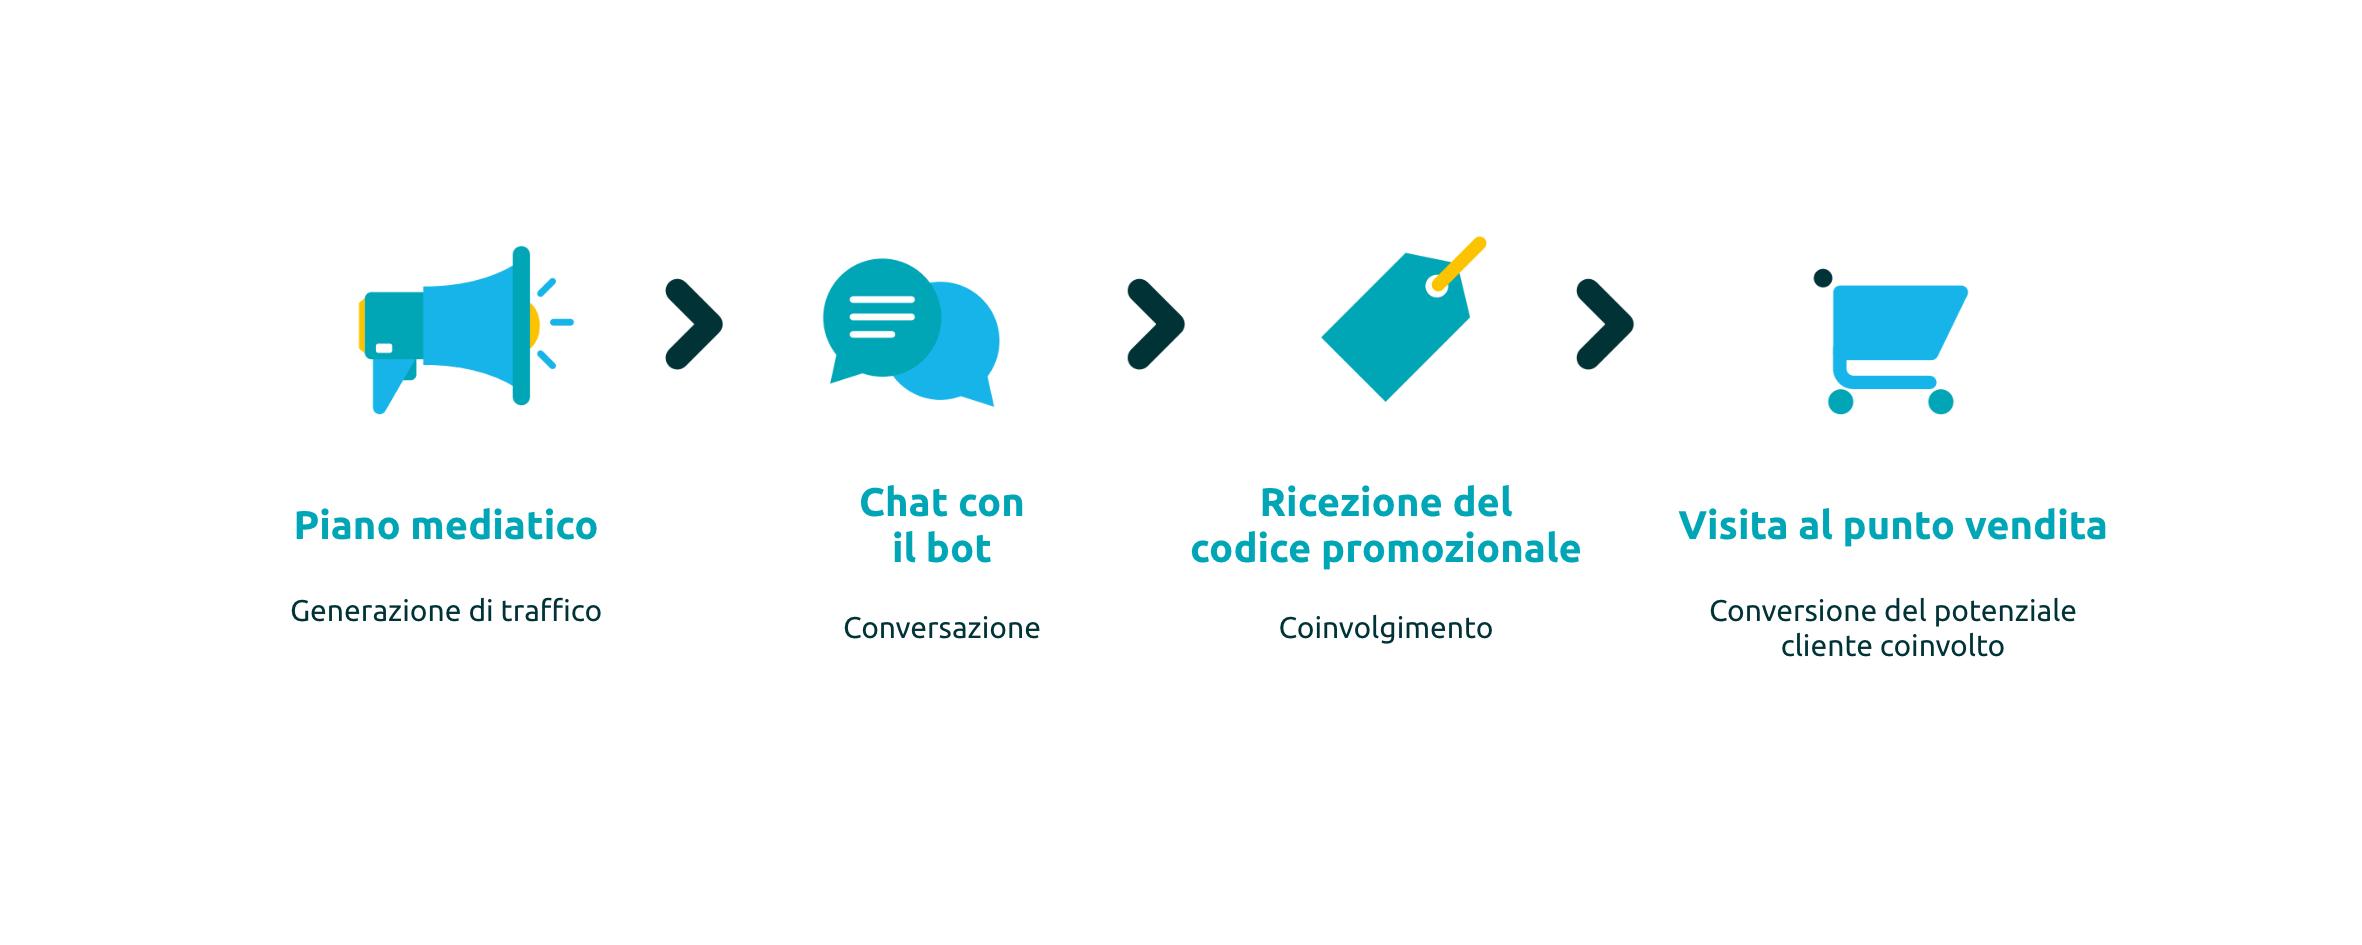 Piano mediatico generazione di traffico, chat con il bot, conversazione, ricezione del codice promozionale, coinvolgimento, visita al punto vendita, conversione del potenziale cliente coinvolto